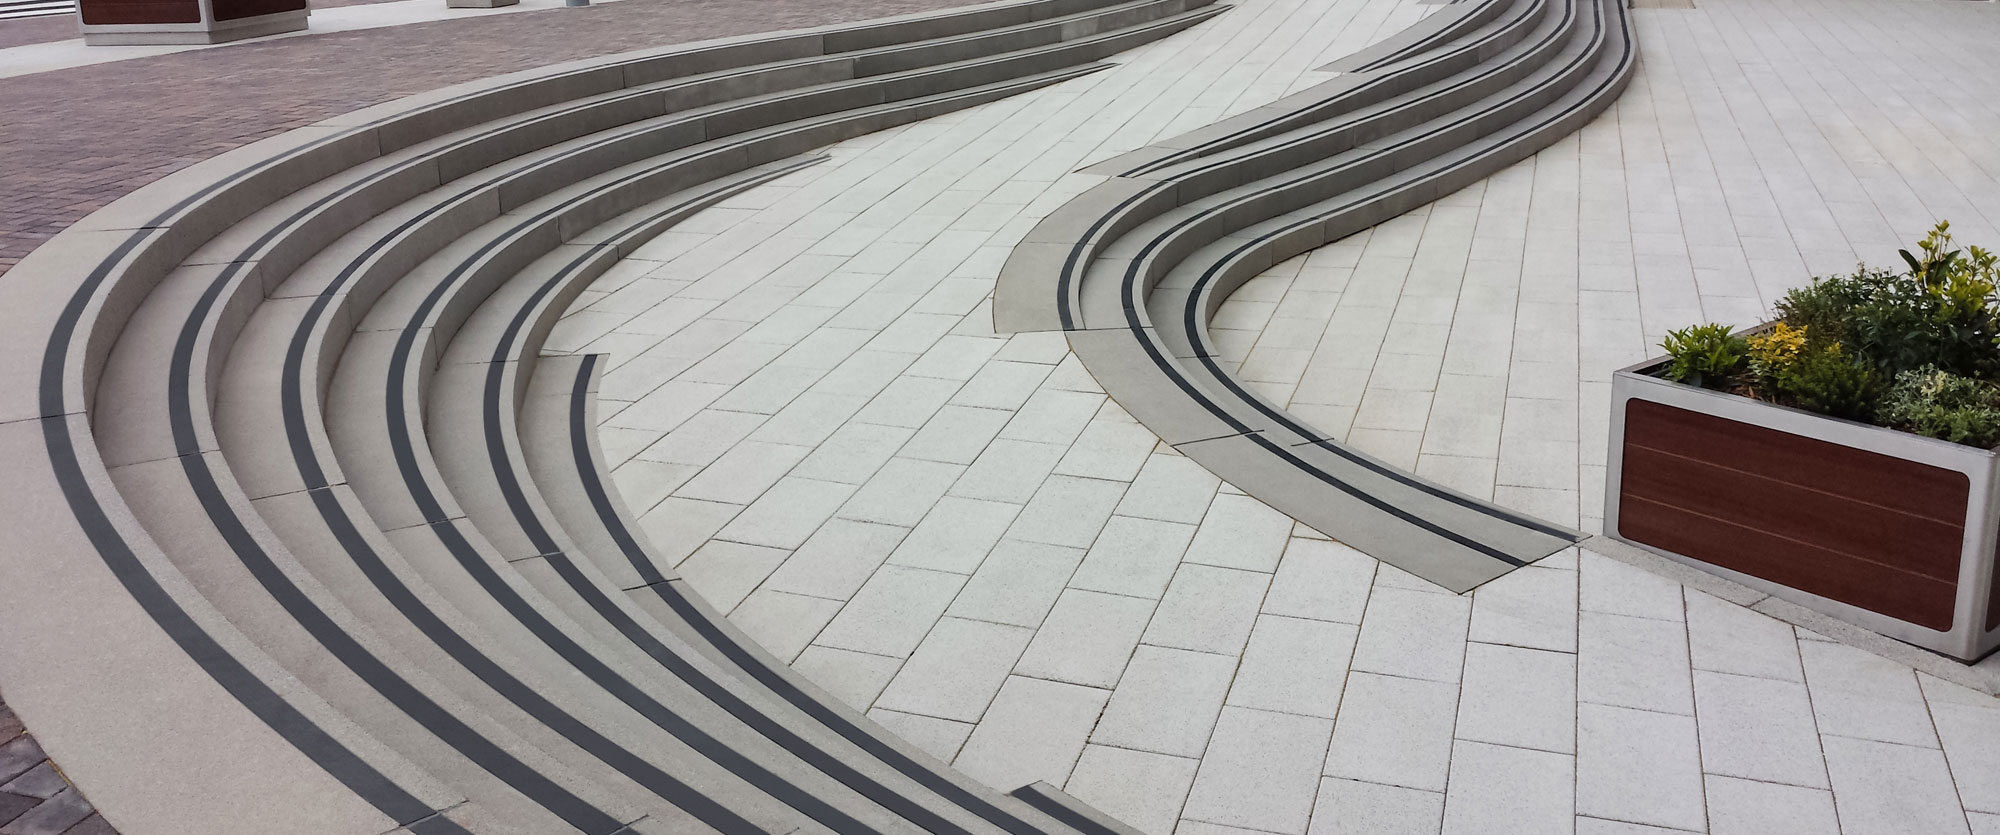 Stepline Original showing curve feature Aspect Leisure Park Project